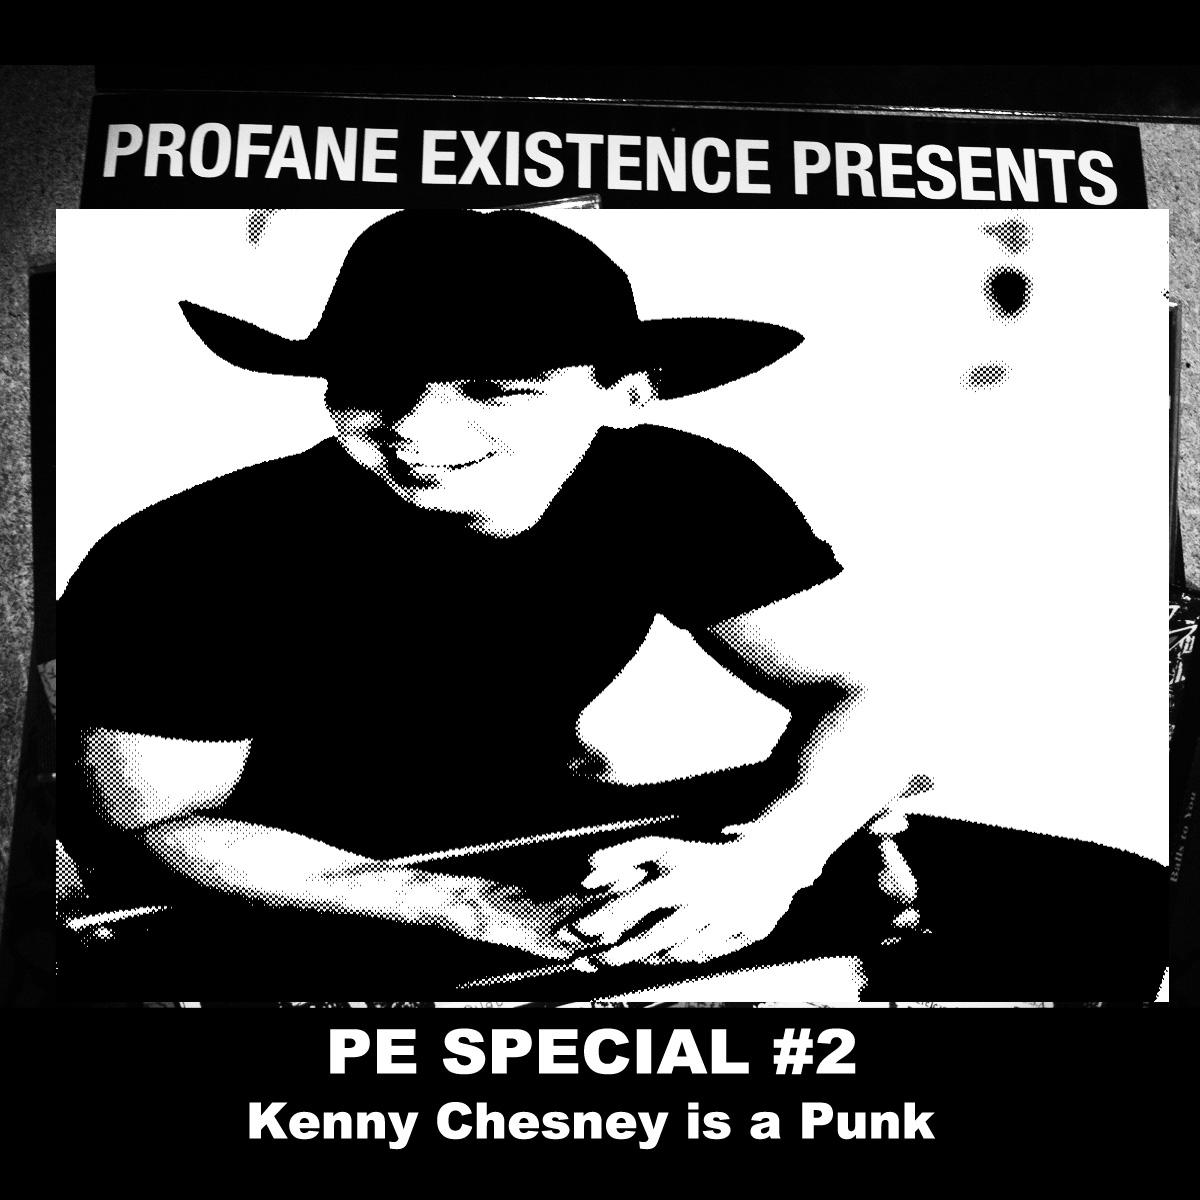 PE Special #2